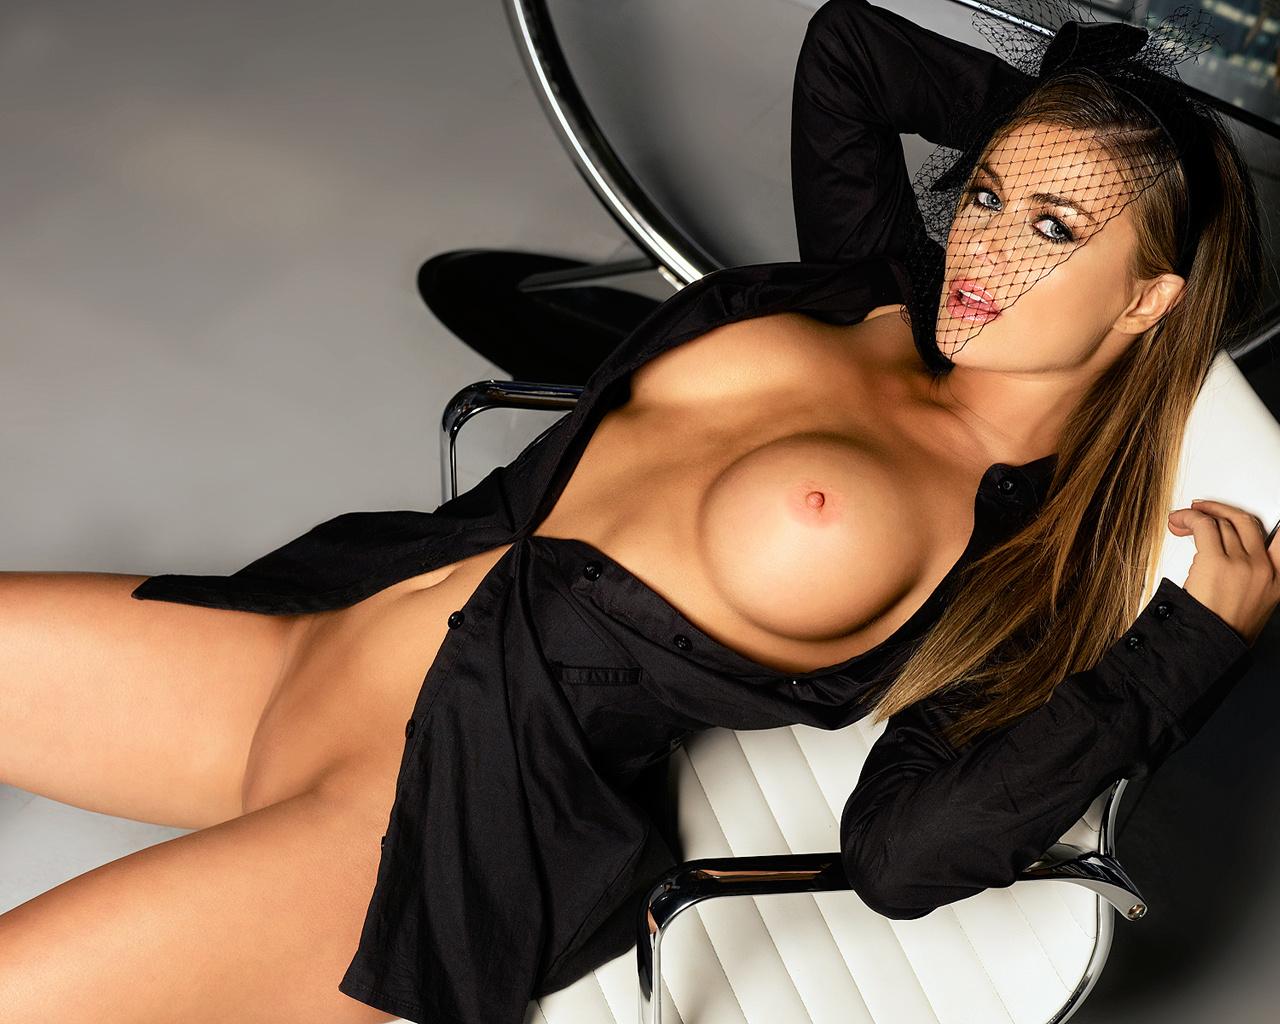 Actress original nude pics